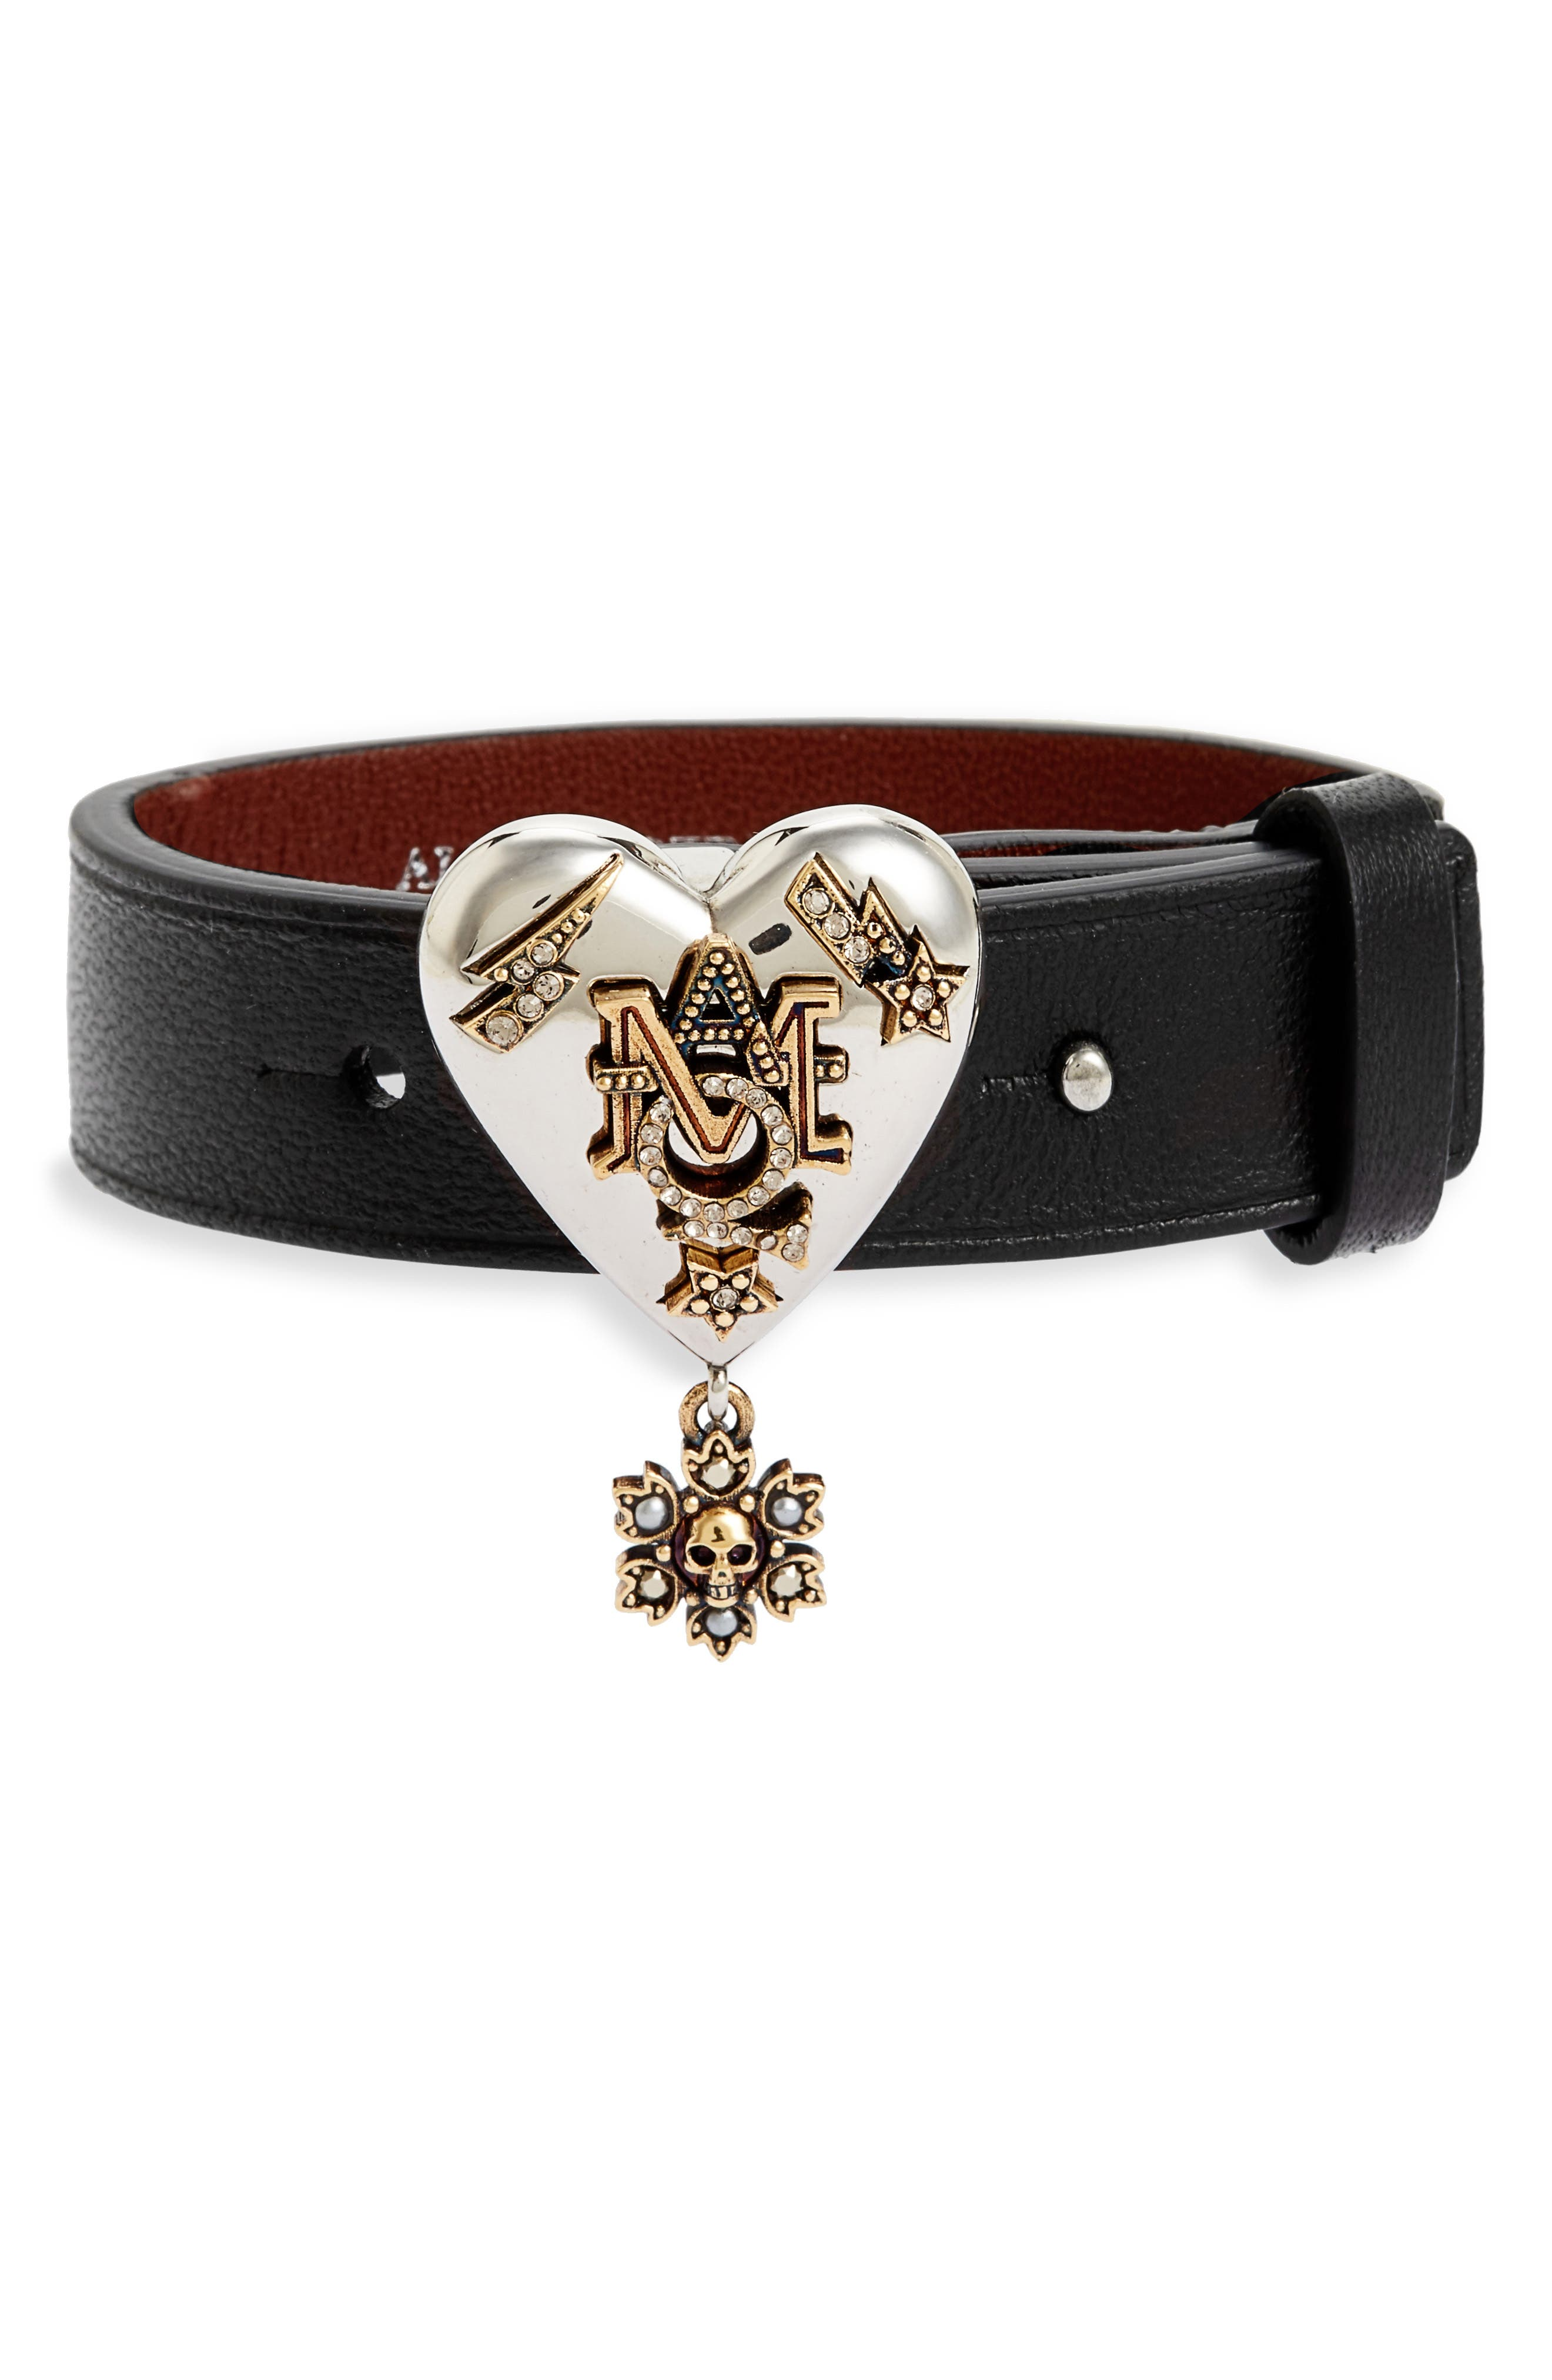 Main Image - Alexander McQueen Metallic Heart Leather Bracelet